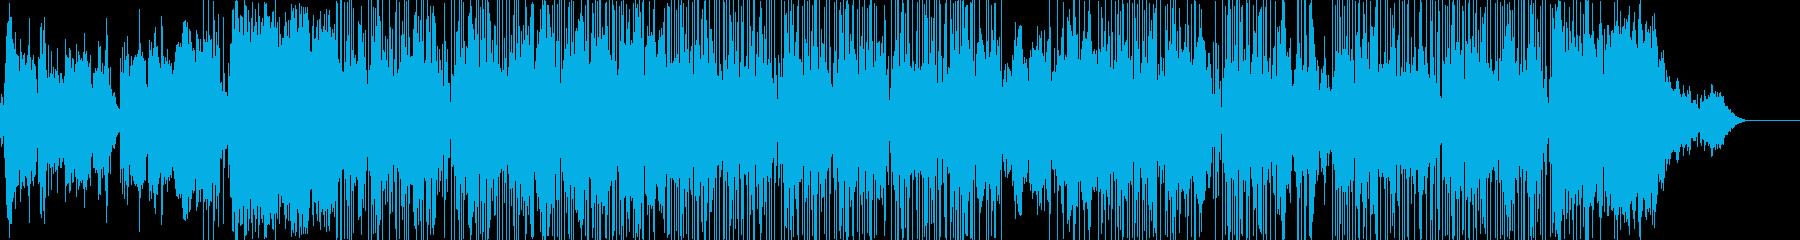 エレクトロニック 静か 楽しげ や...の再生済みの波形